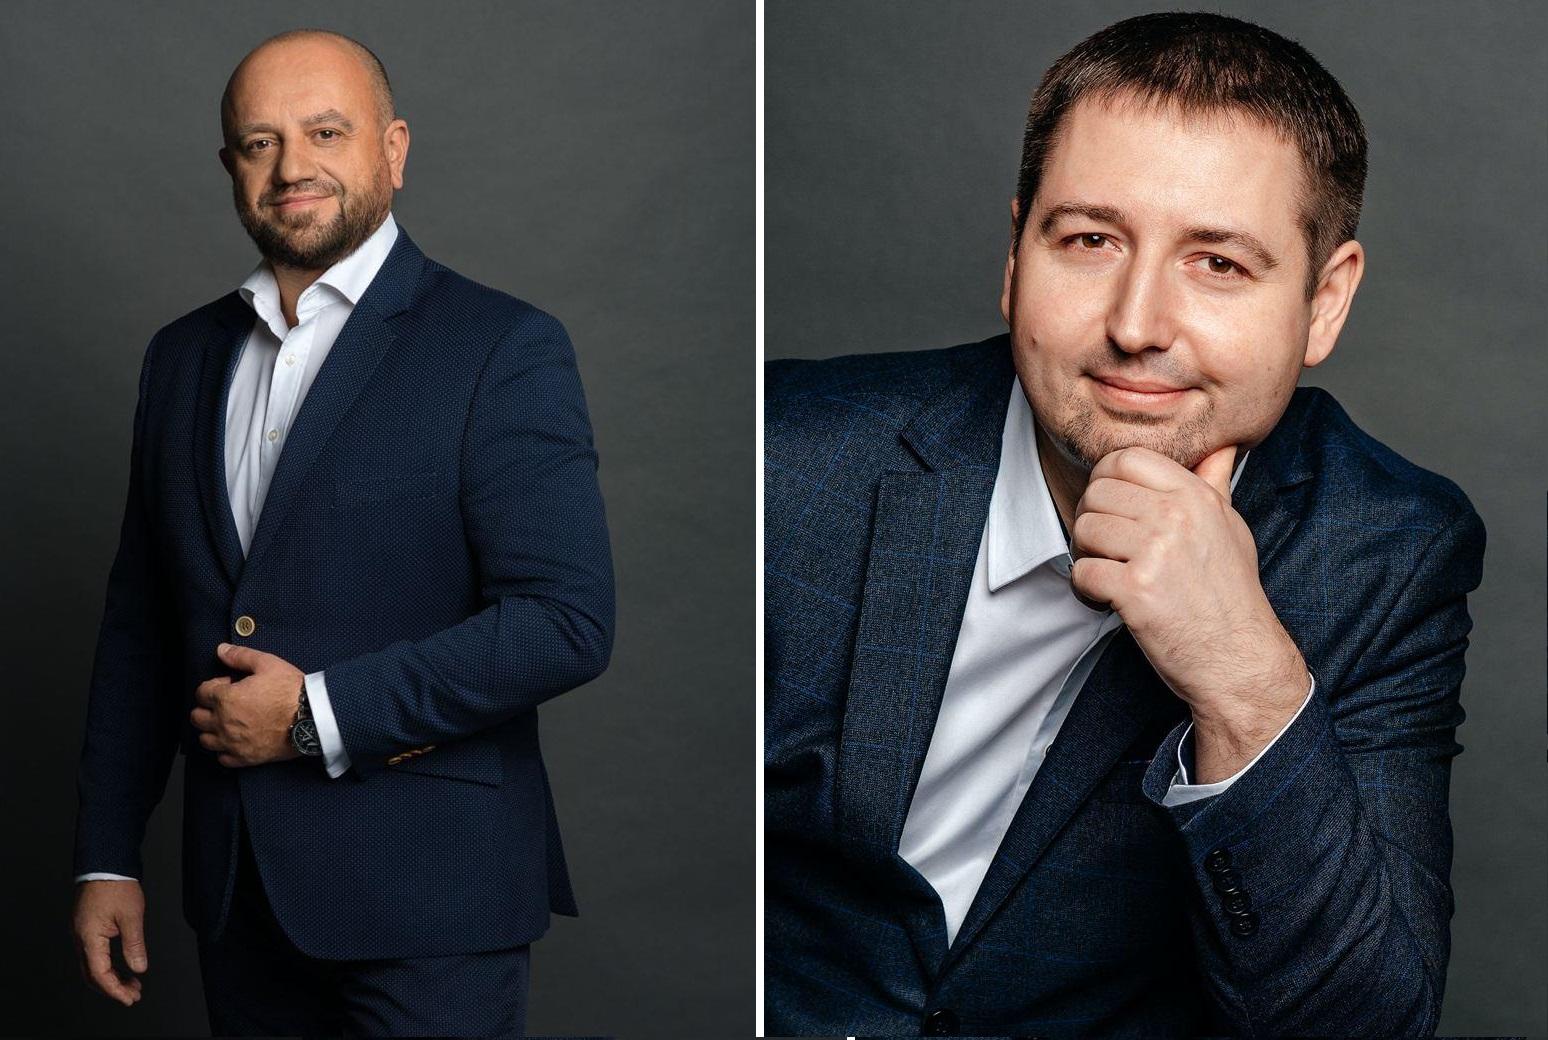 Павел Соломеник и Гаврилов Павел, интерим-менеджеры